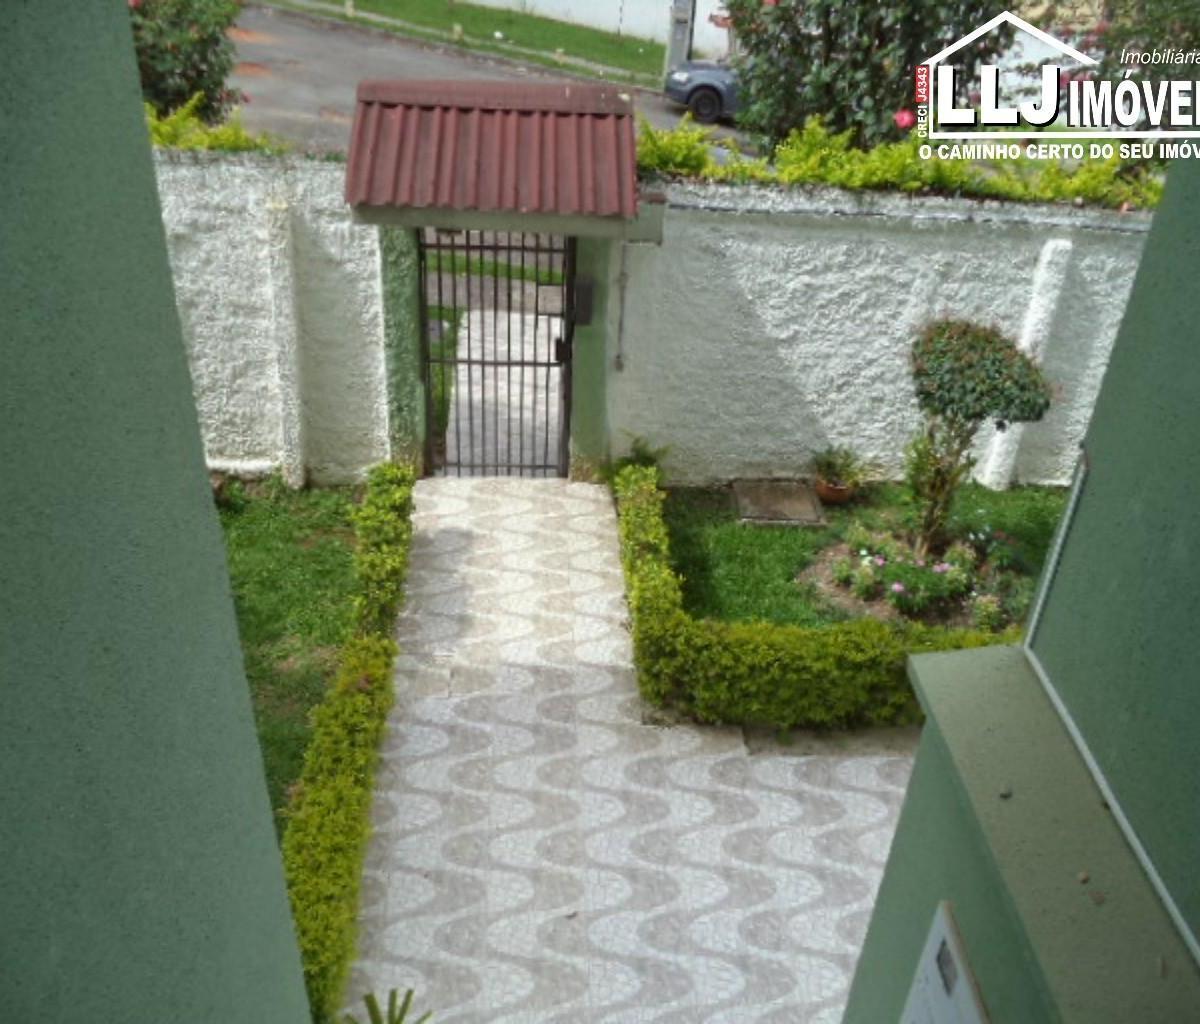 Apartamento para aluguel com 2 Quartos Santa Cândida Curitiba R$  #677237 1200x1024 Banheiro Antigo Reformado